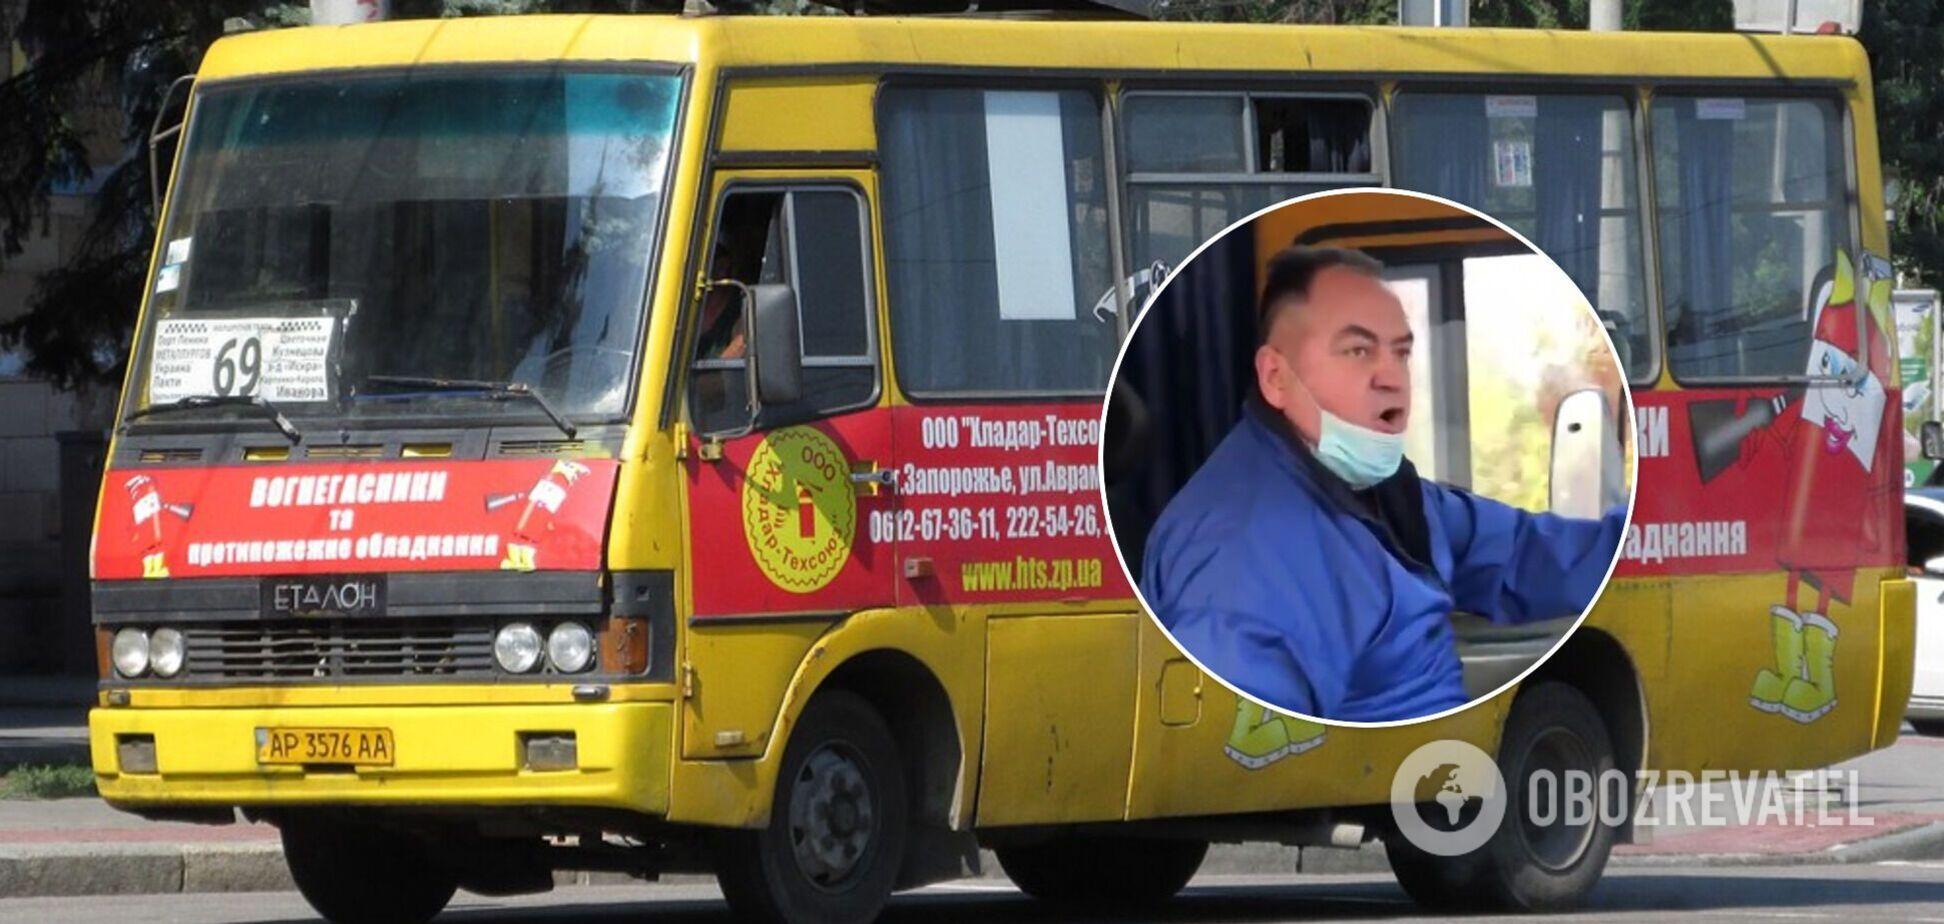 У Запоріжжі водій маршрутки влаштував скандал і відмовився везти пасажира-пільговика: в поліції відреагували. Відео